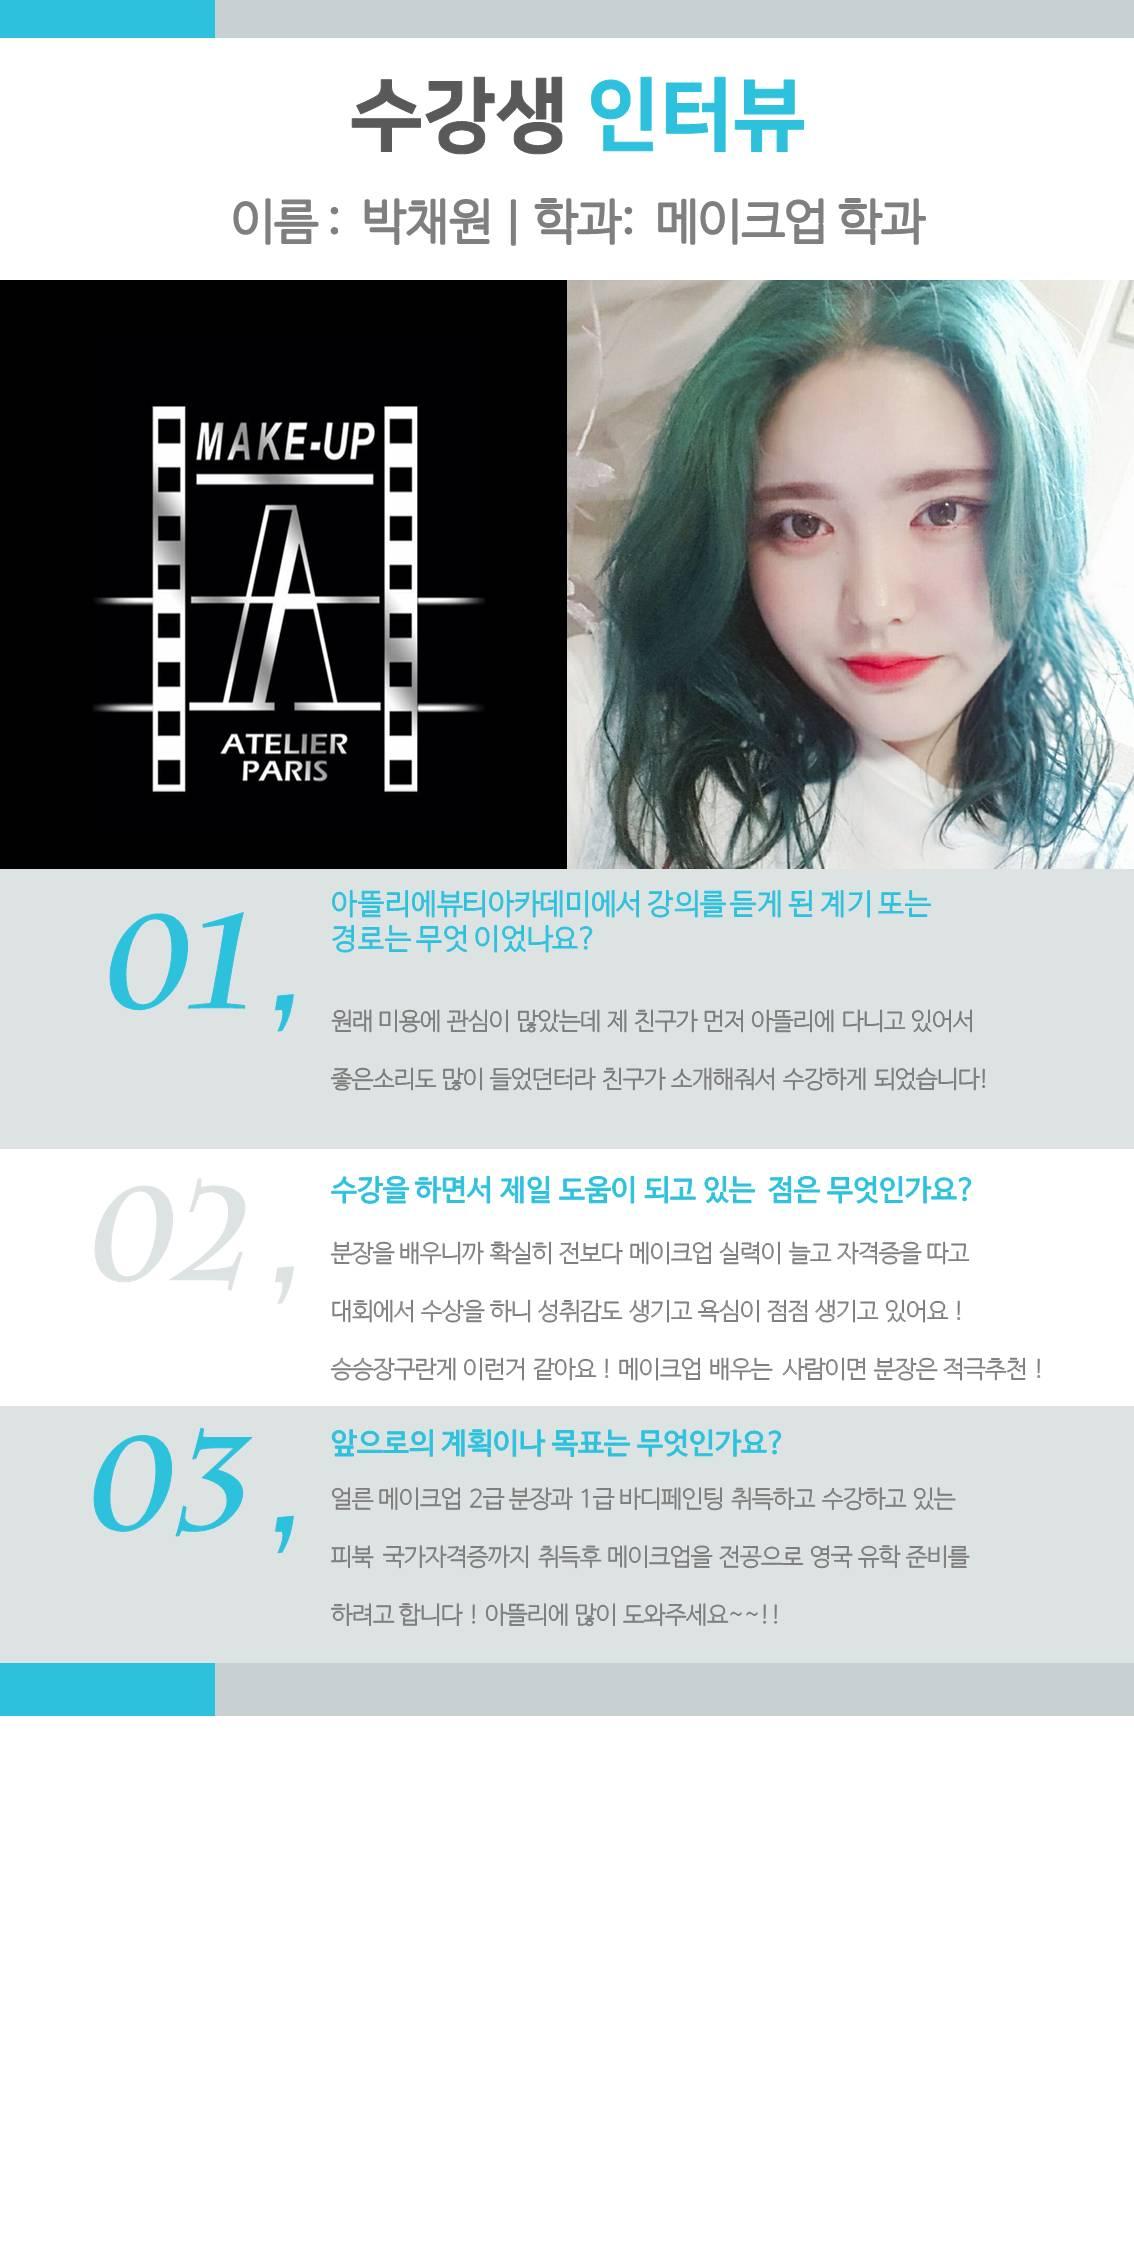 박채원 수강생 수강 후기